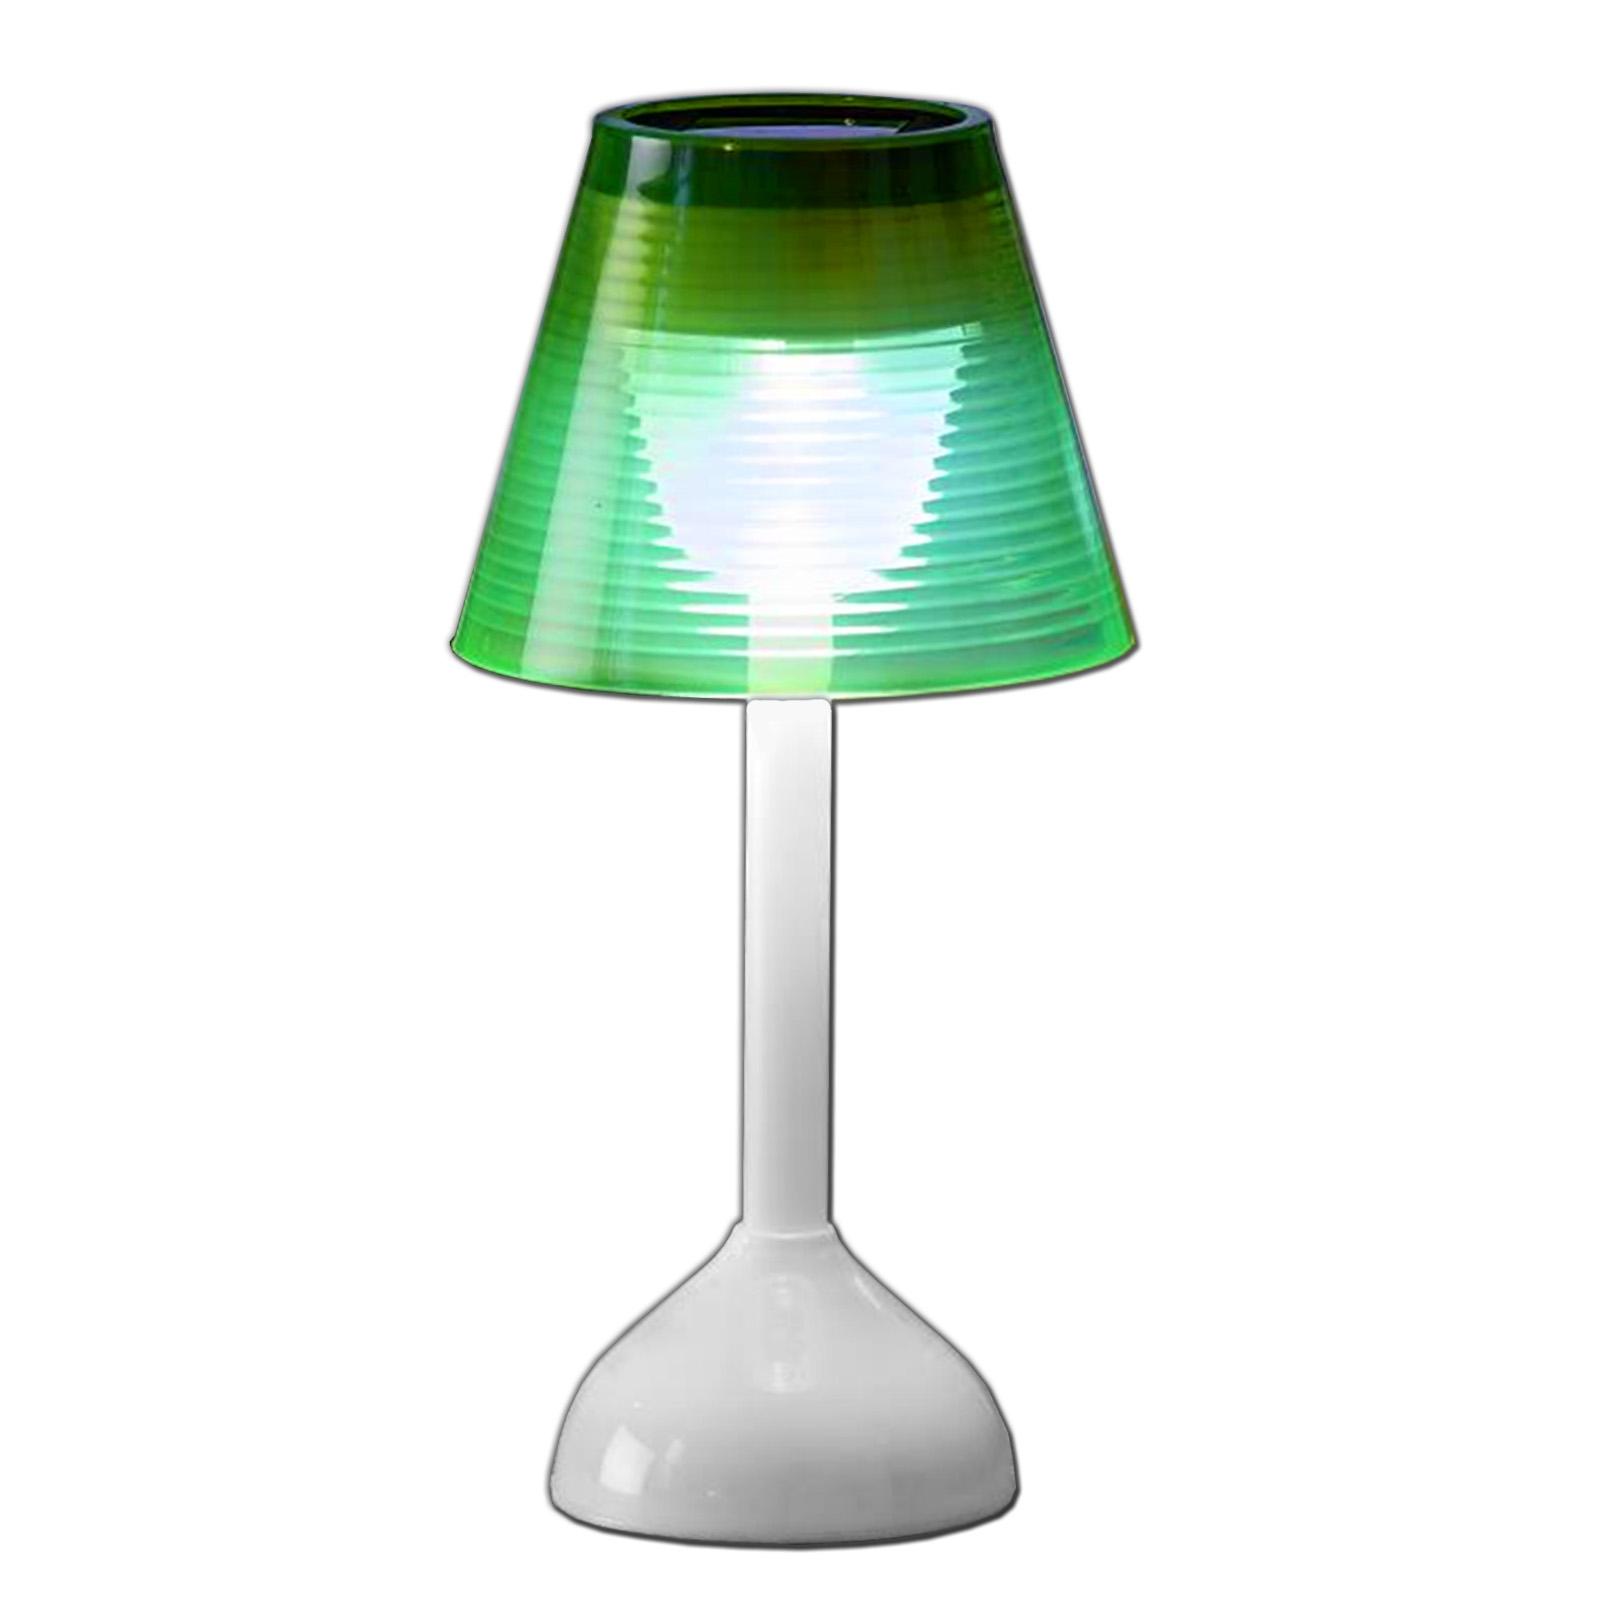 Led Solare Lampada Da Tavolo Plastica Lampada Solare Luce Ebay